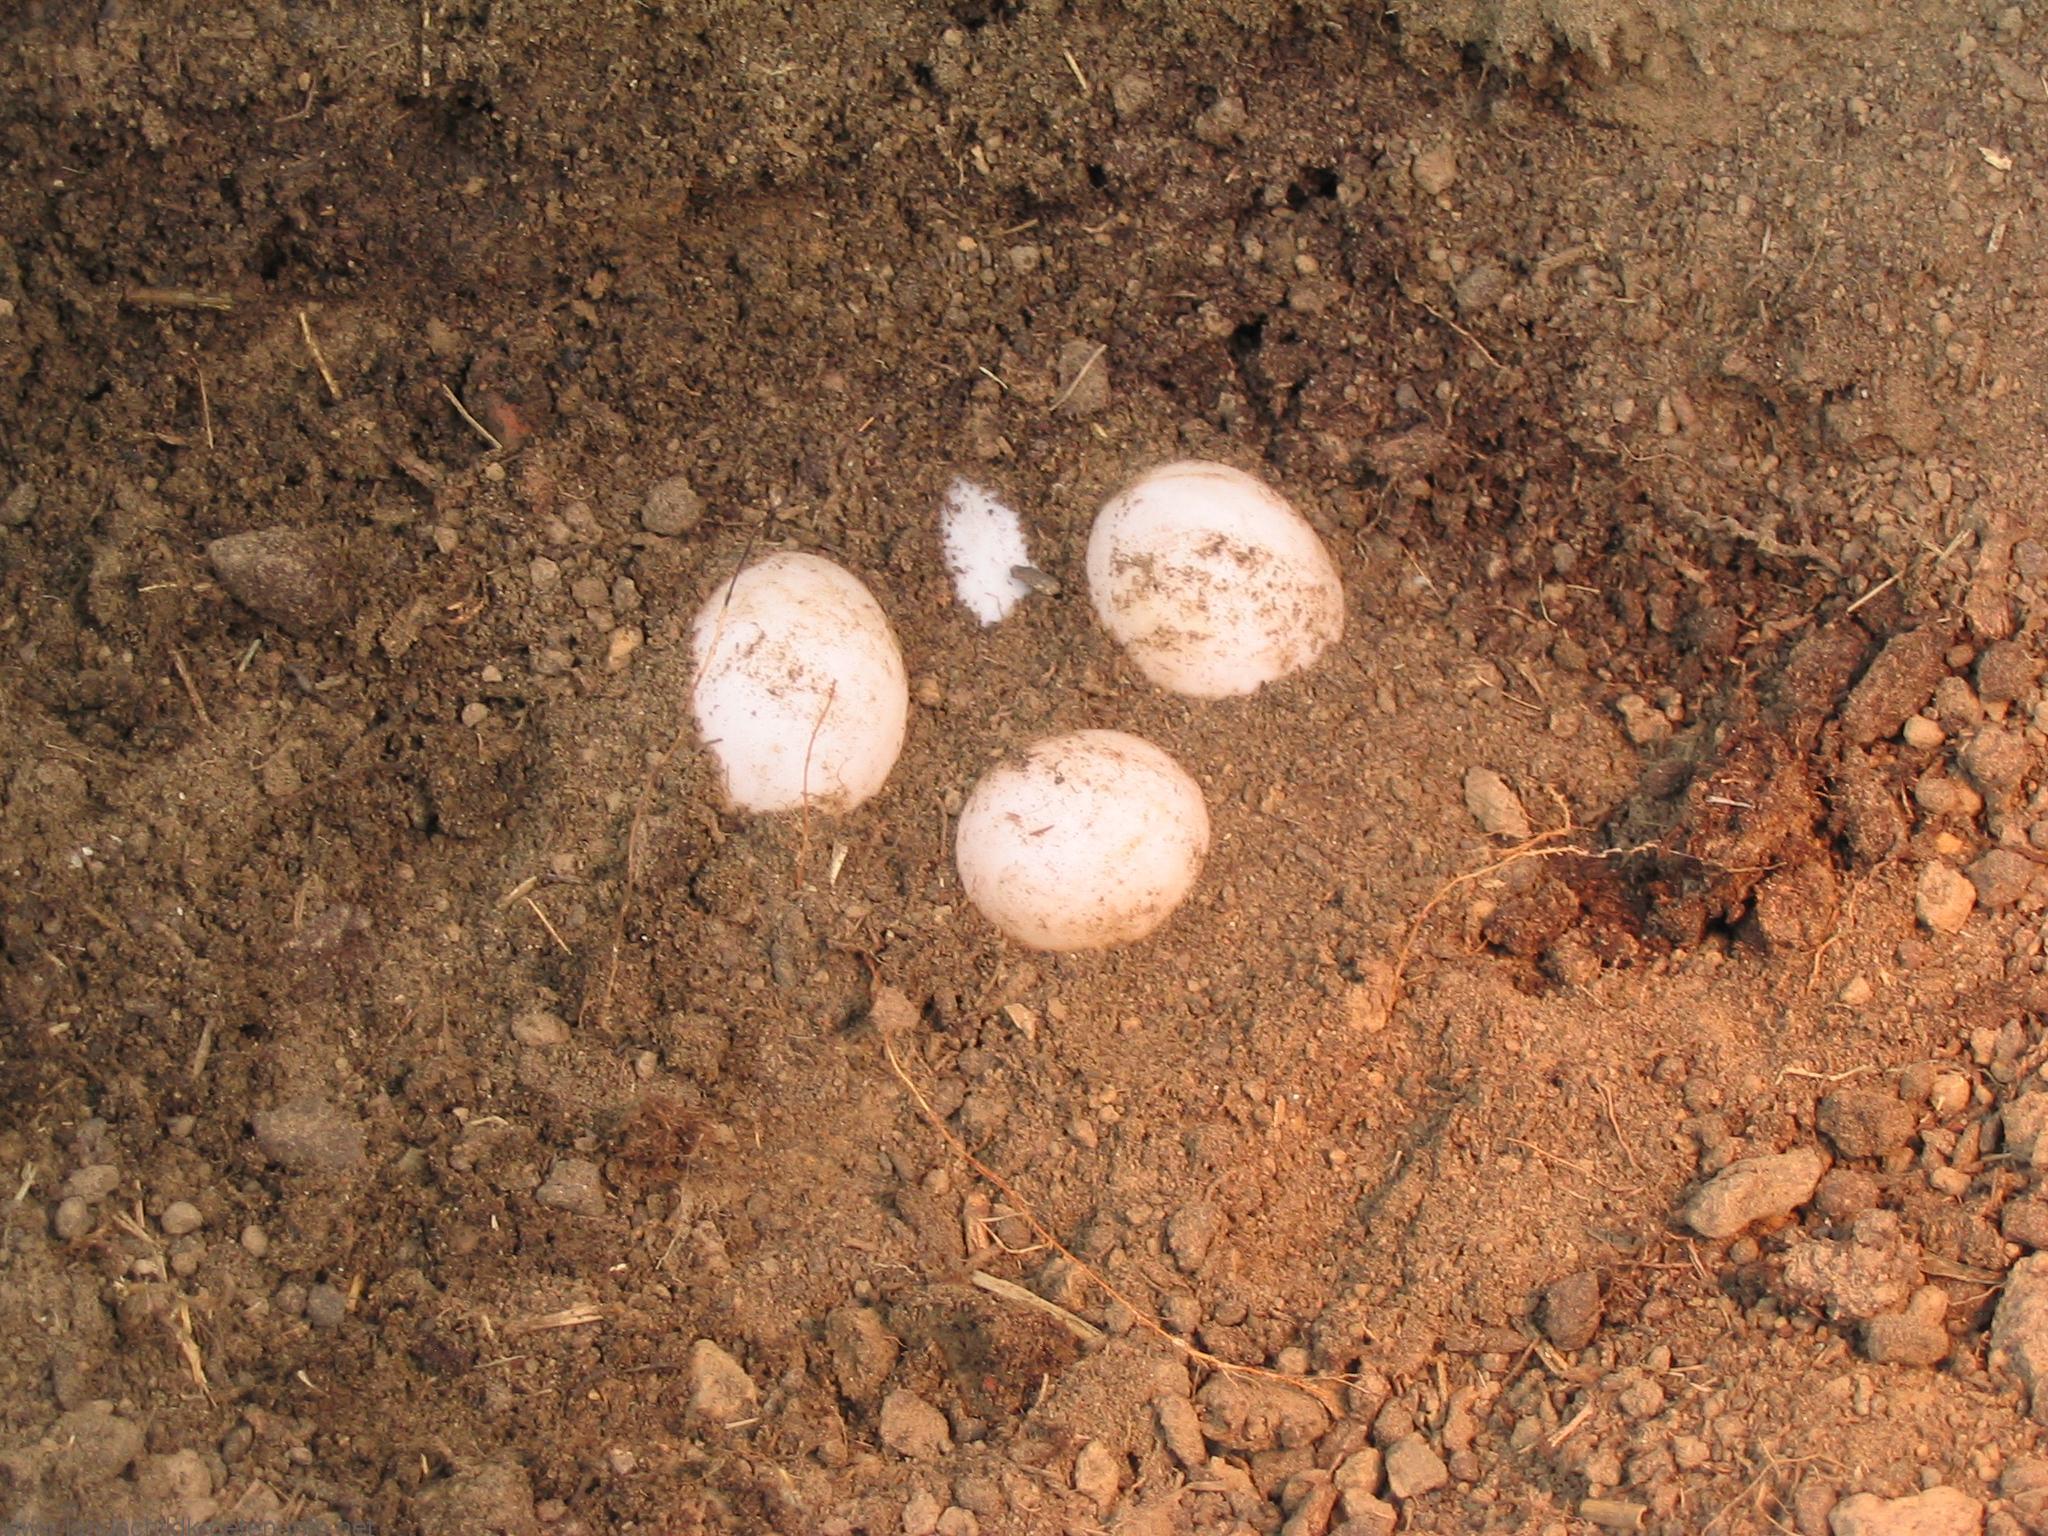 Bergung der Eier